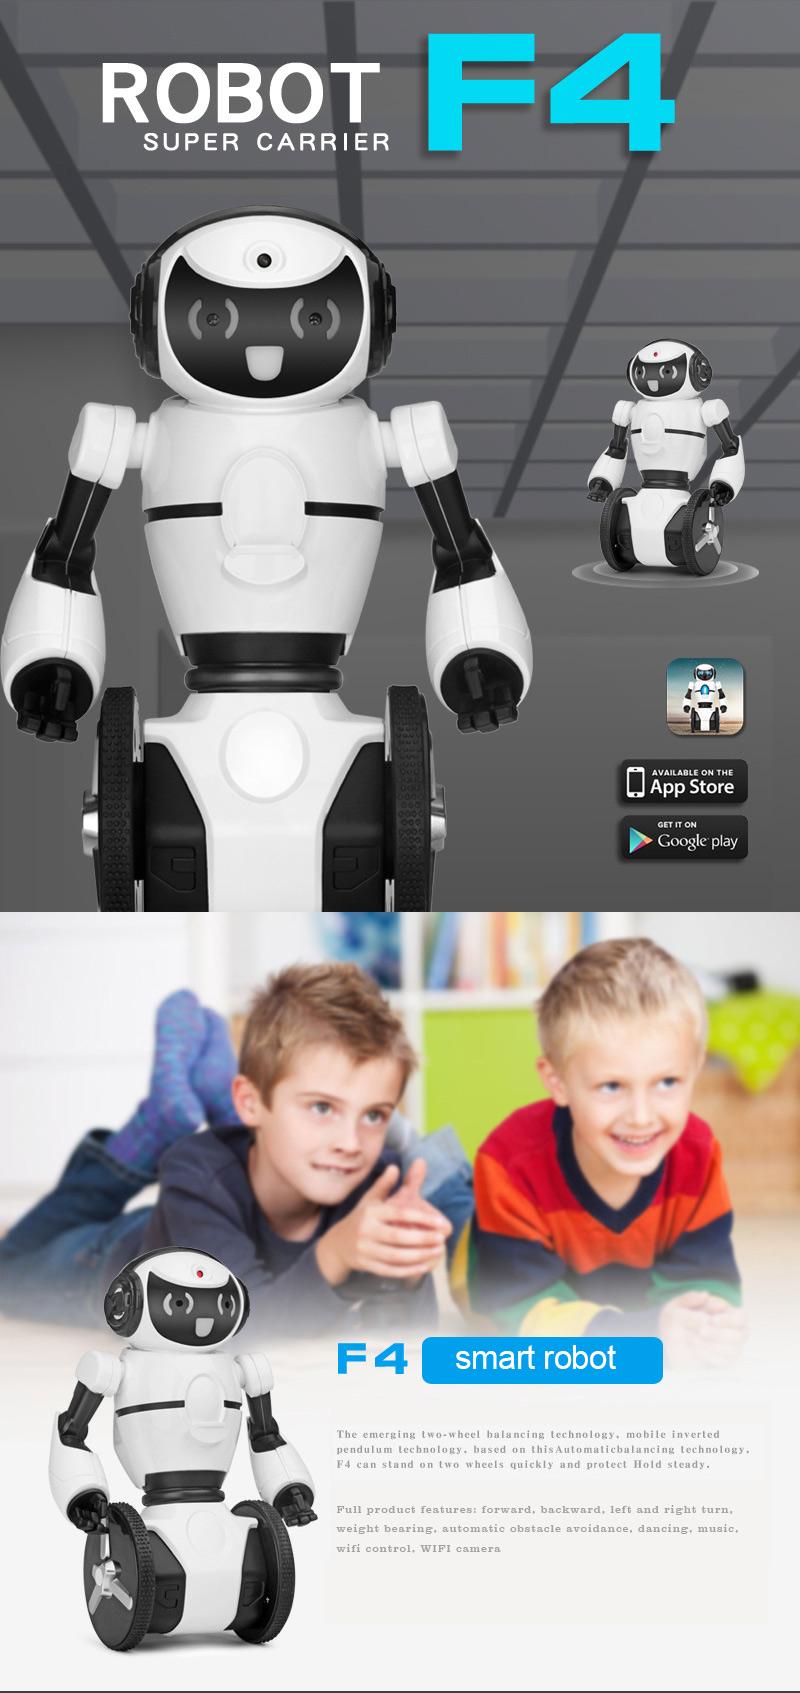 Hot Koop Intelligente Service Robot Voor Programmering afstandsbediening dans humanoïde robot voor onderwijs